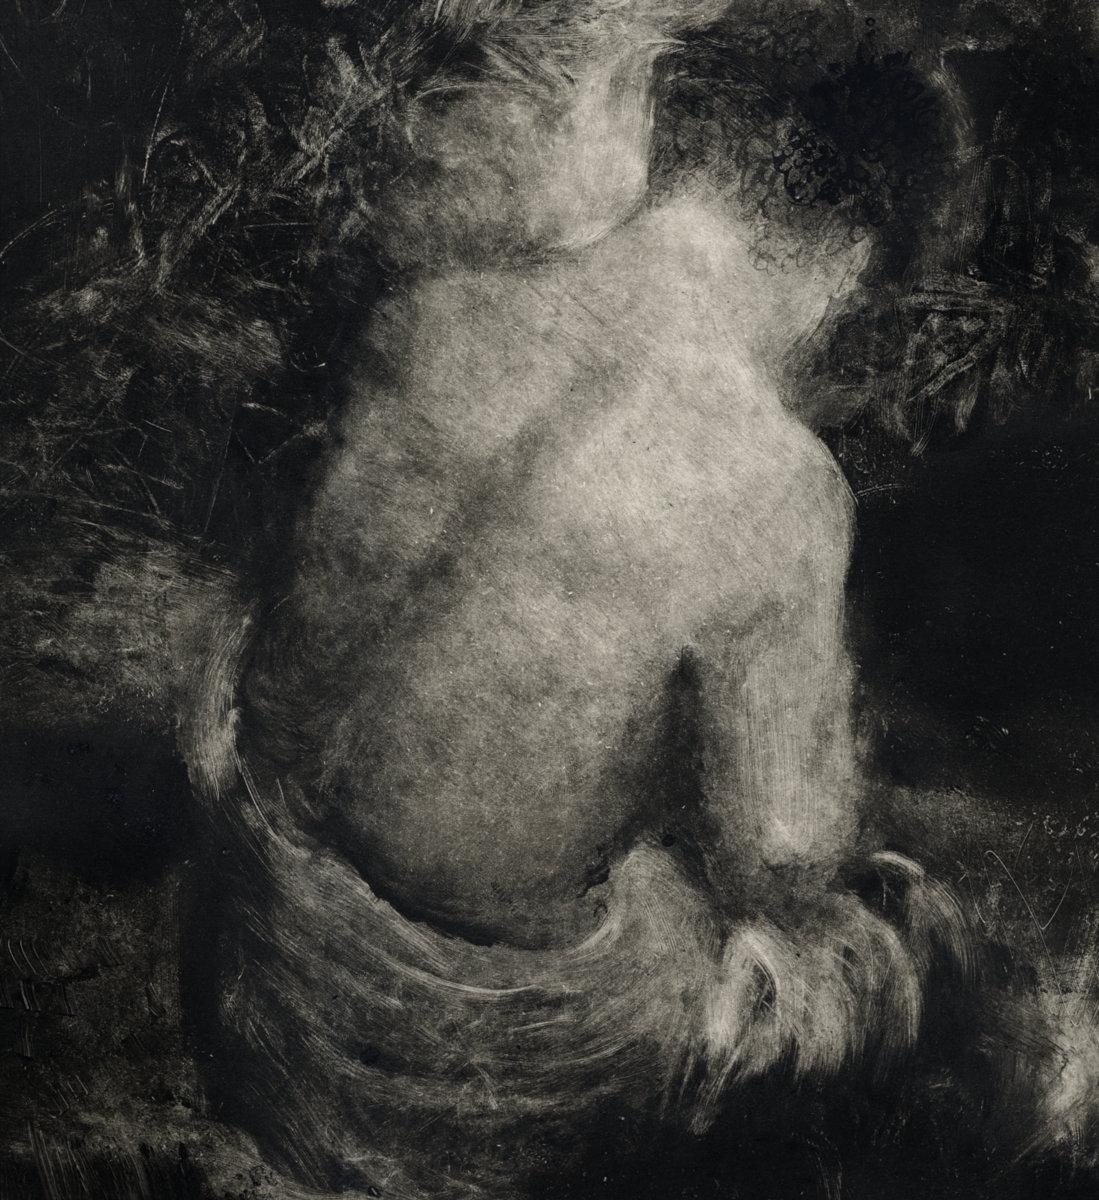 https://serpentcolumn.bandcamp.com/album/endless-detainment